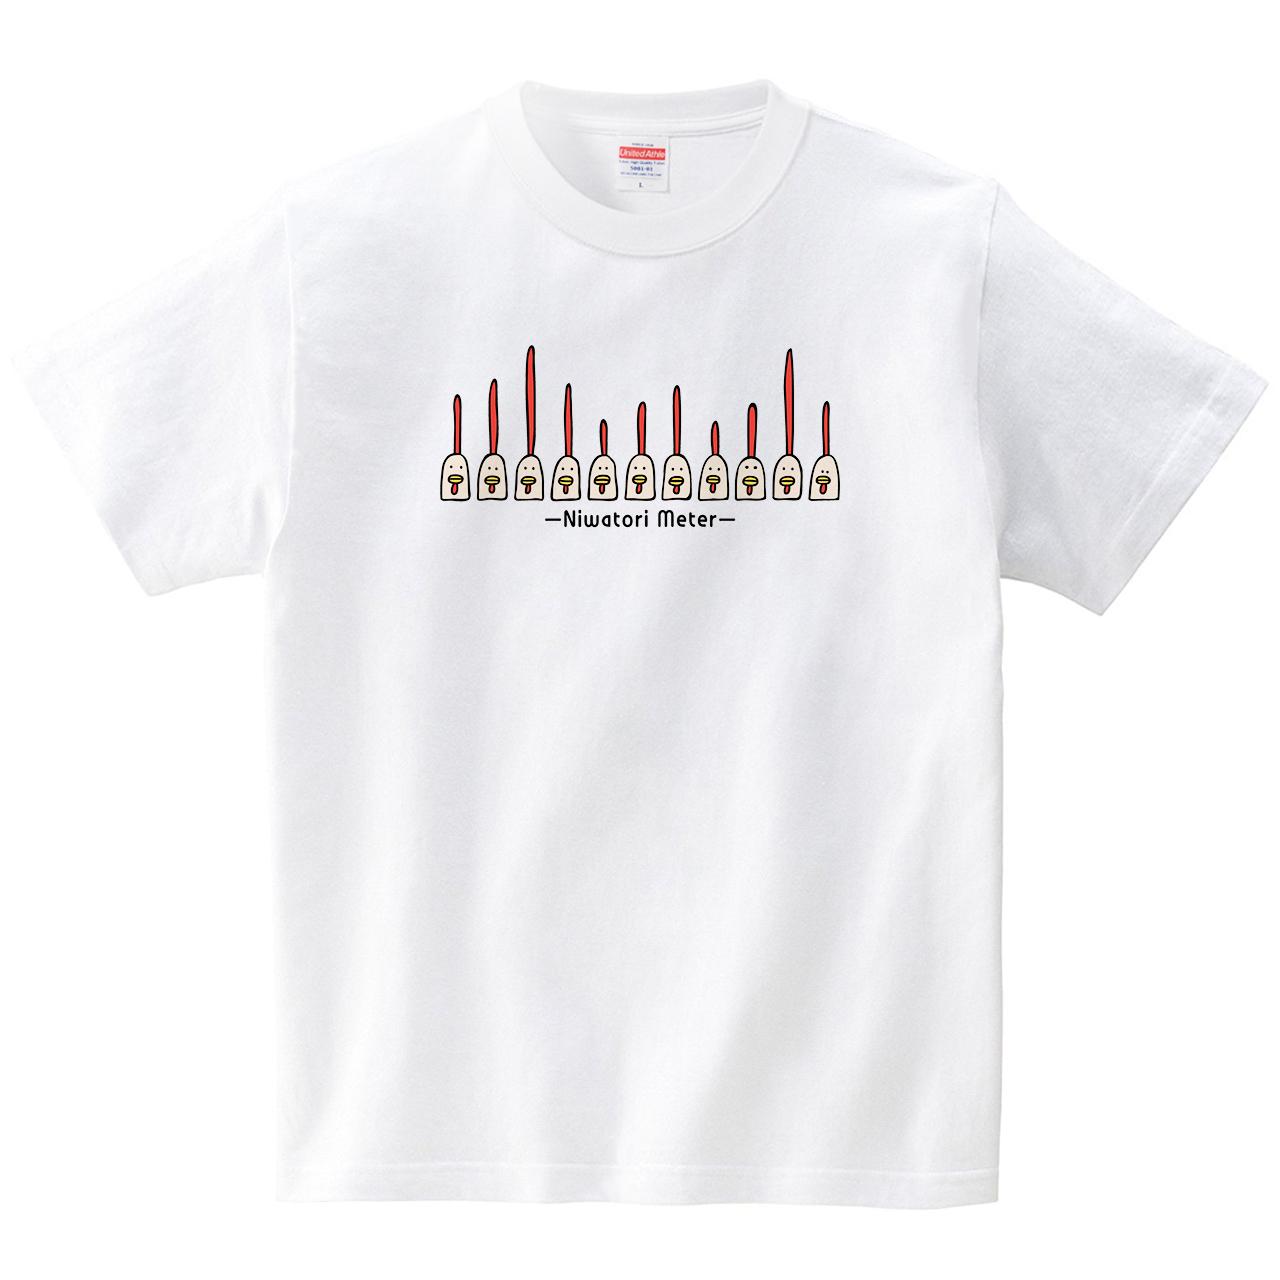 ニワトリメーター(Tシャツ・ホワイト)(オワリ)